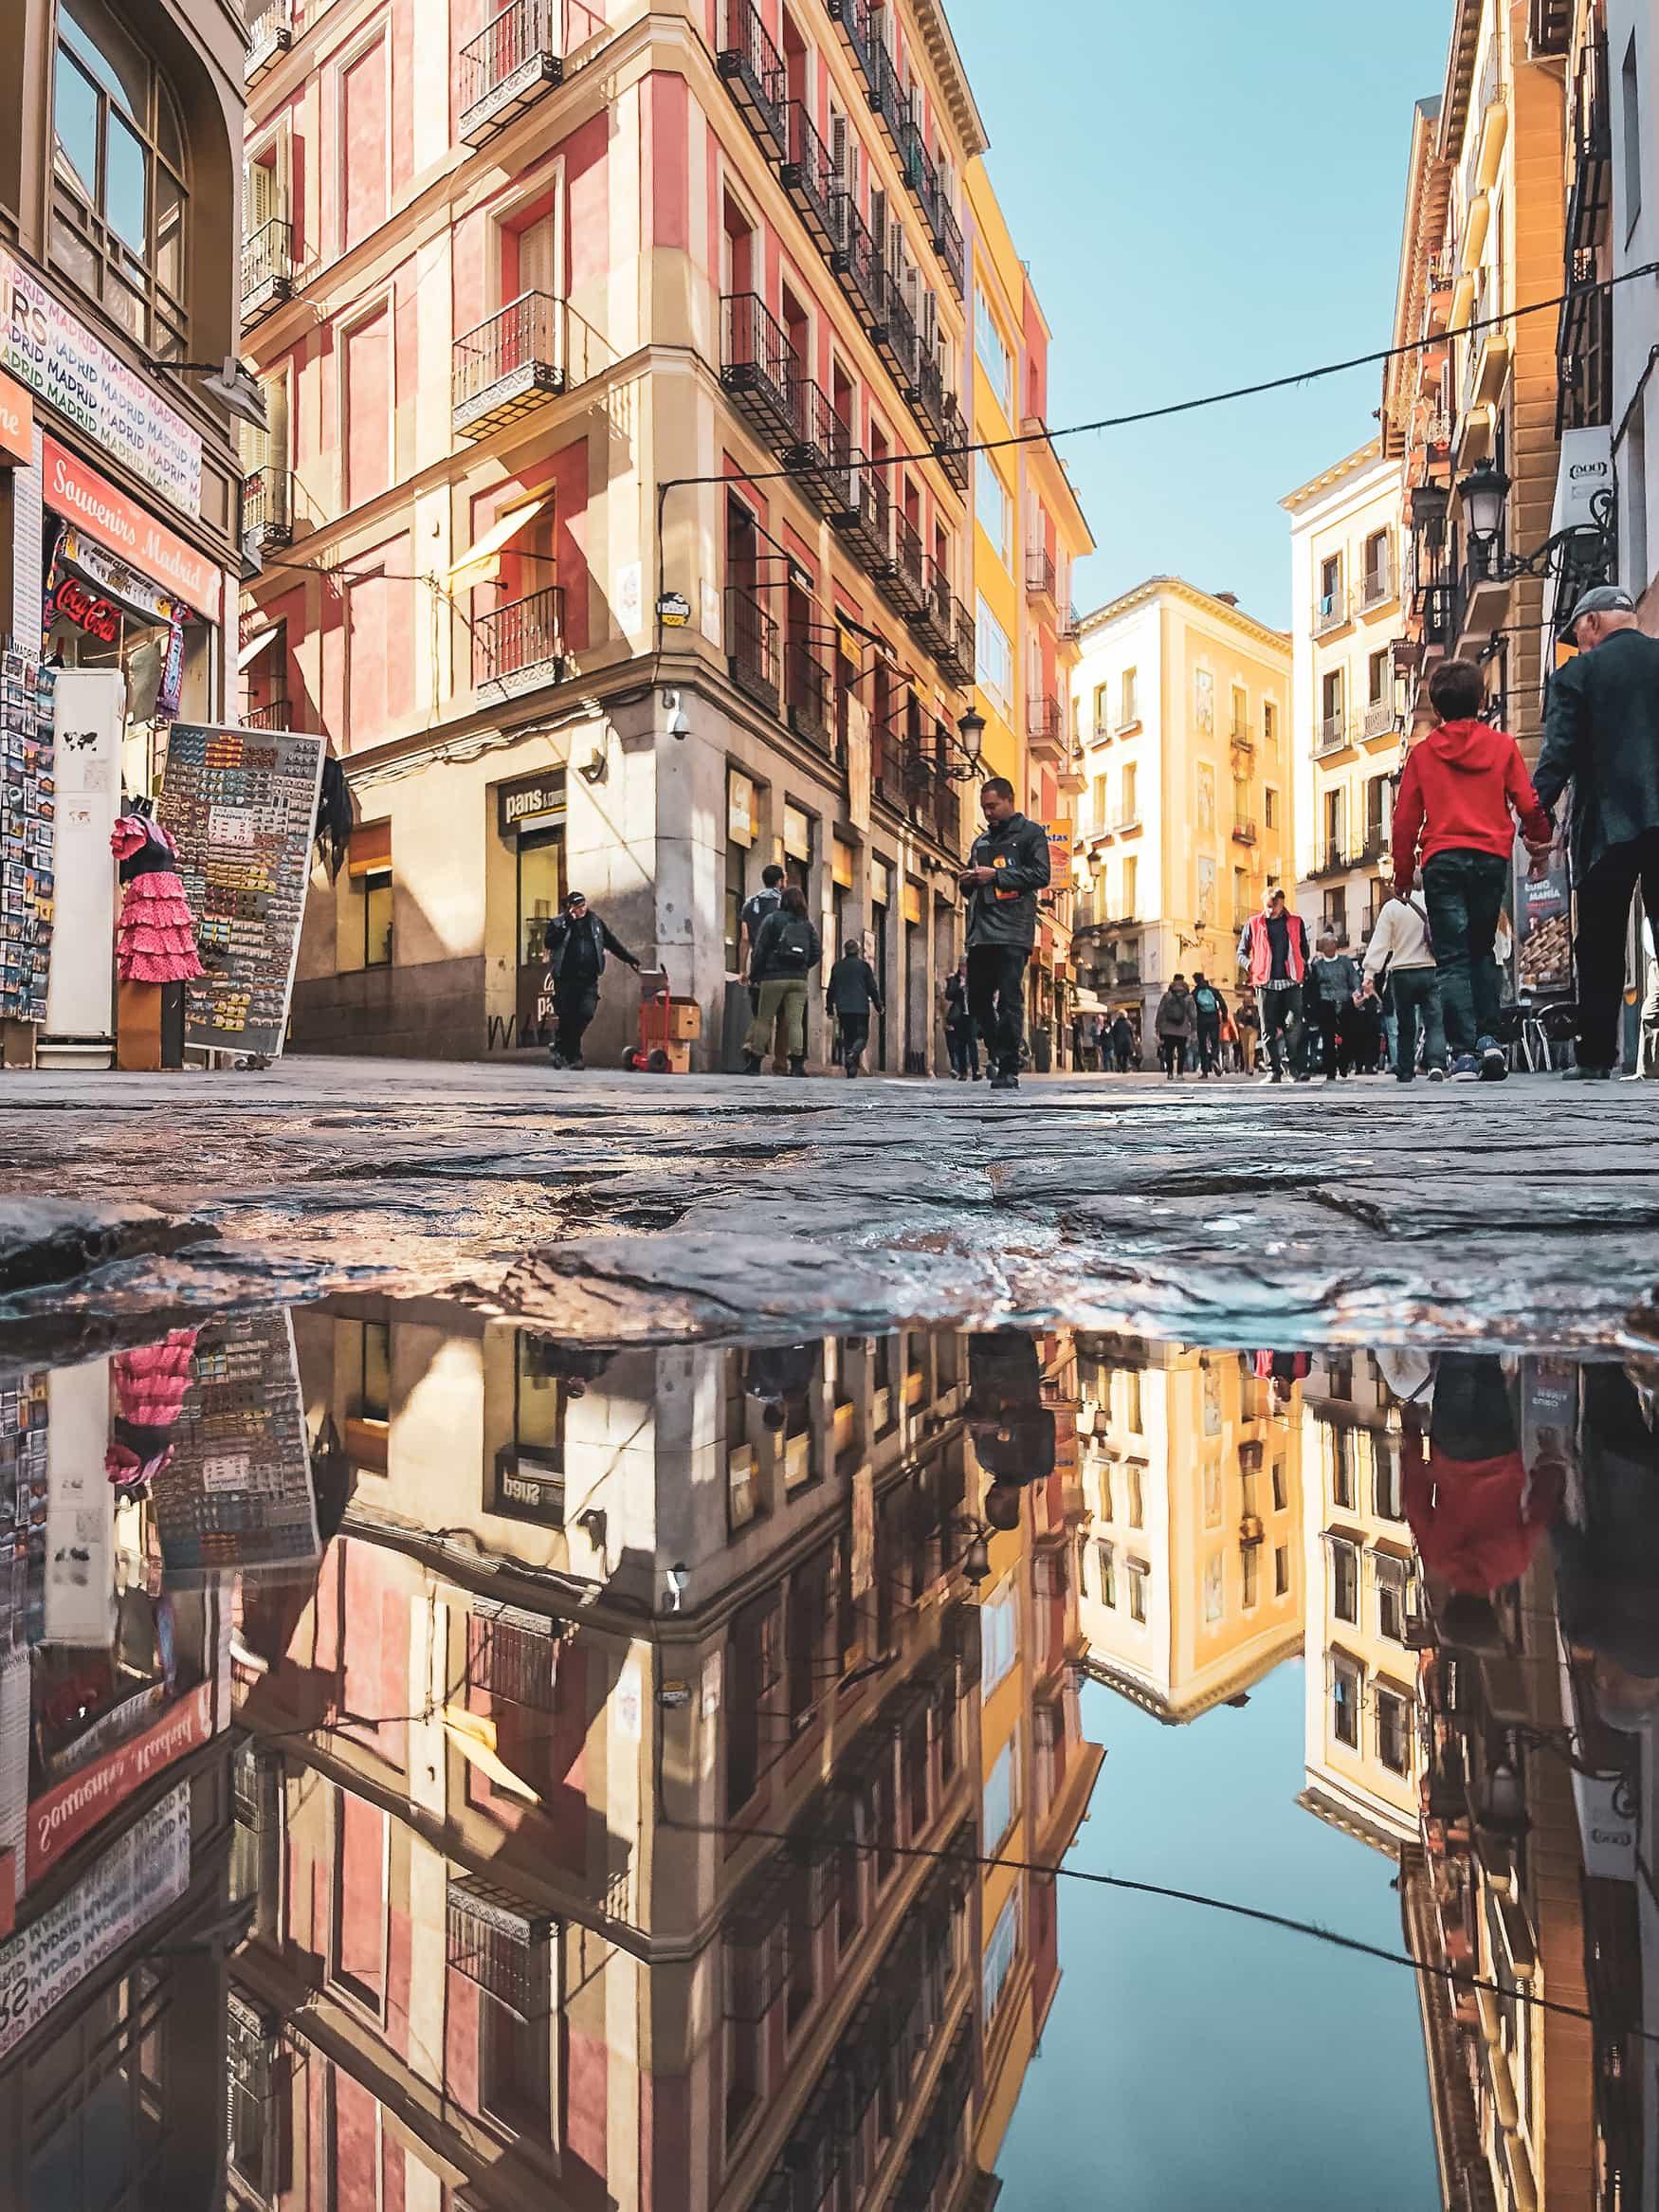 Häuserfassaden der Altstadt in Madrid spiegeln sich in Pfütze